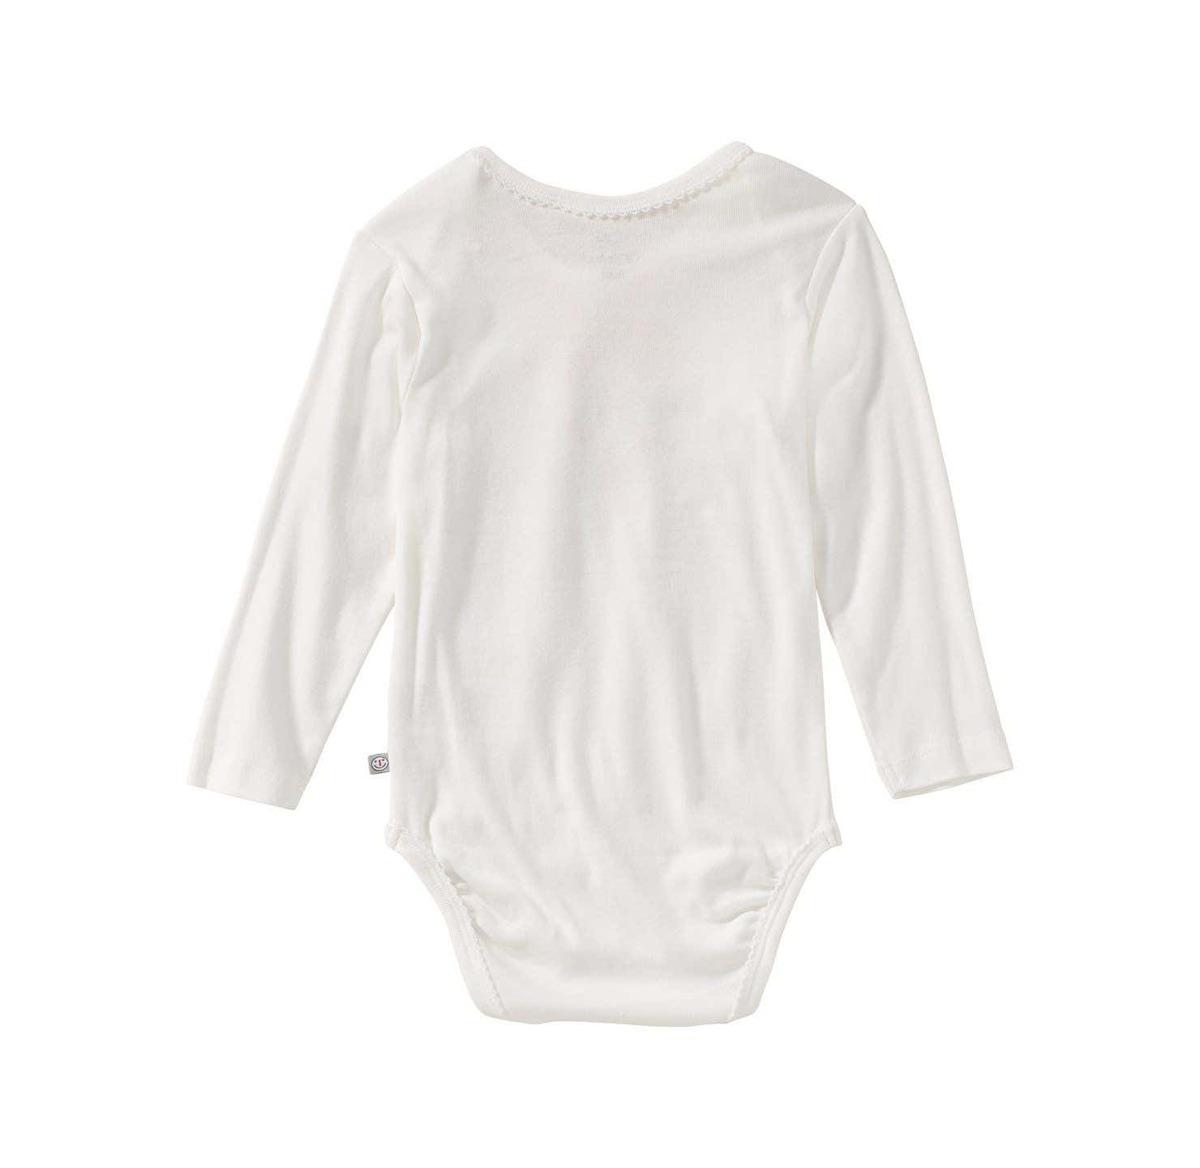 Bild 2 von Baby-Mädchen-Body mit hübschem Muster